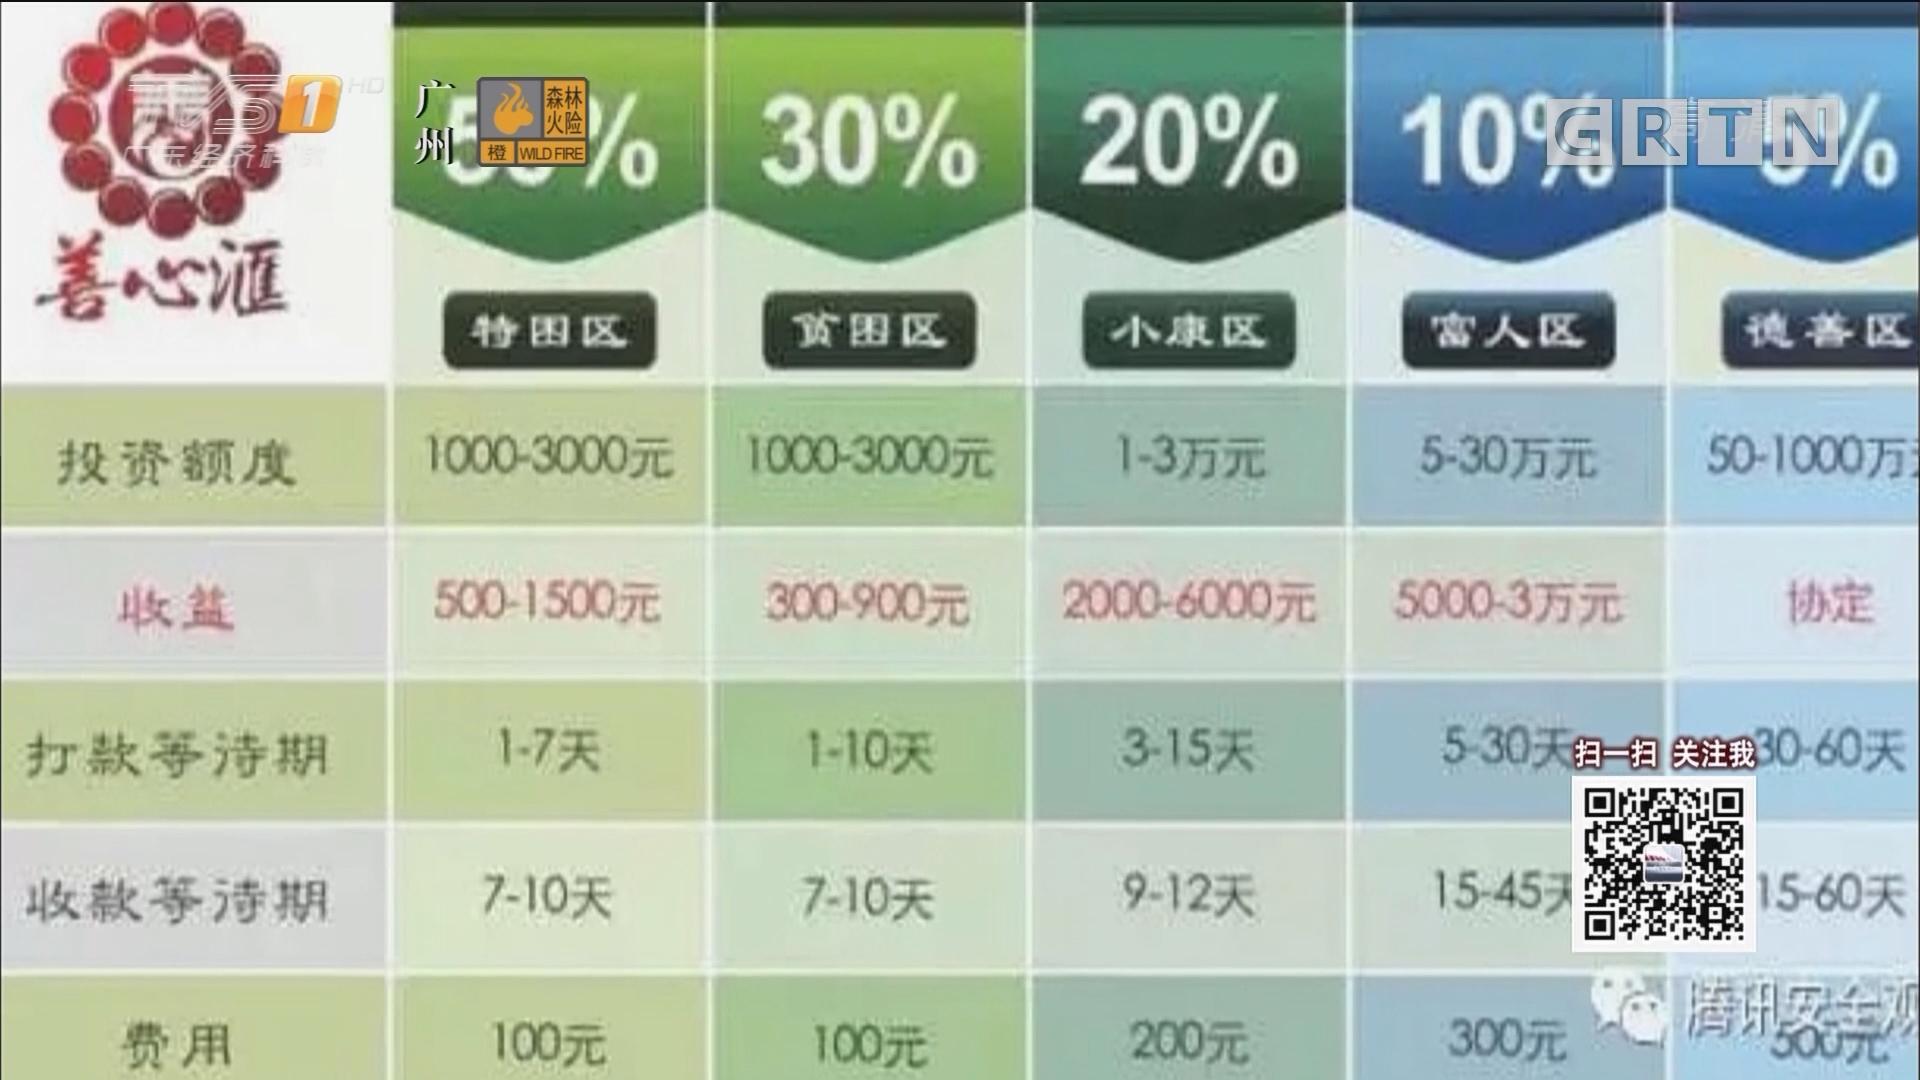 2017年传销平台参与人数超过3000万 广东为重灾区